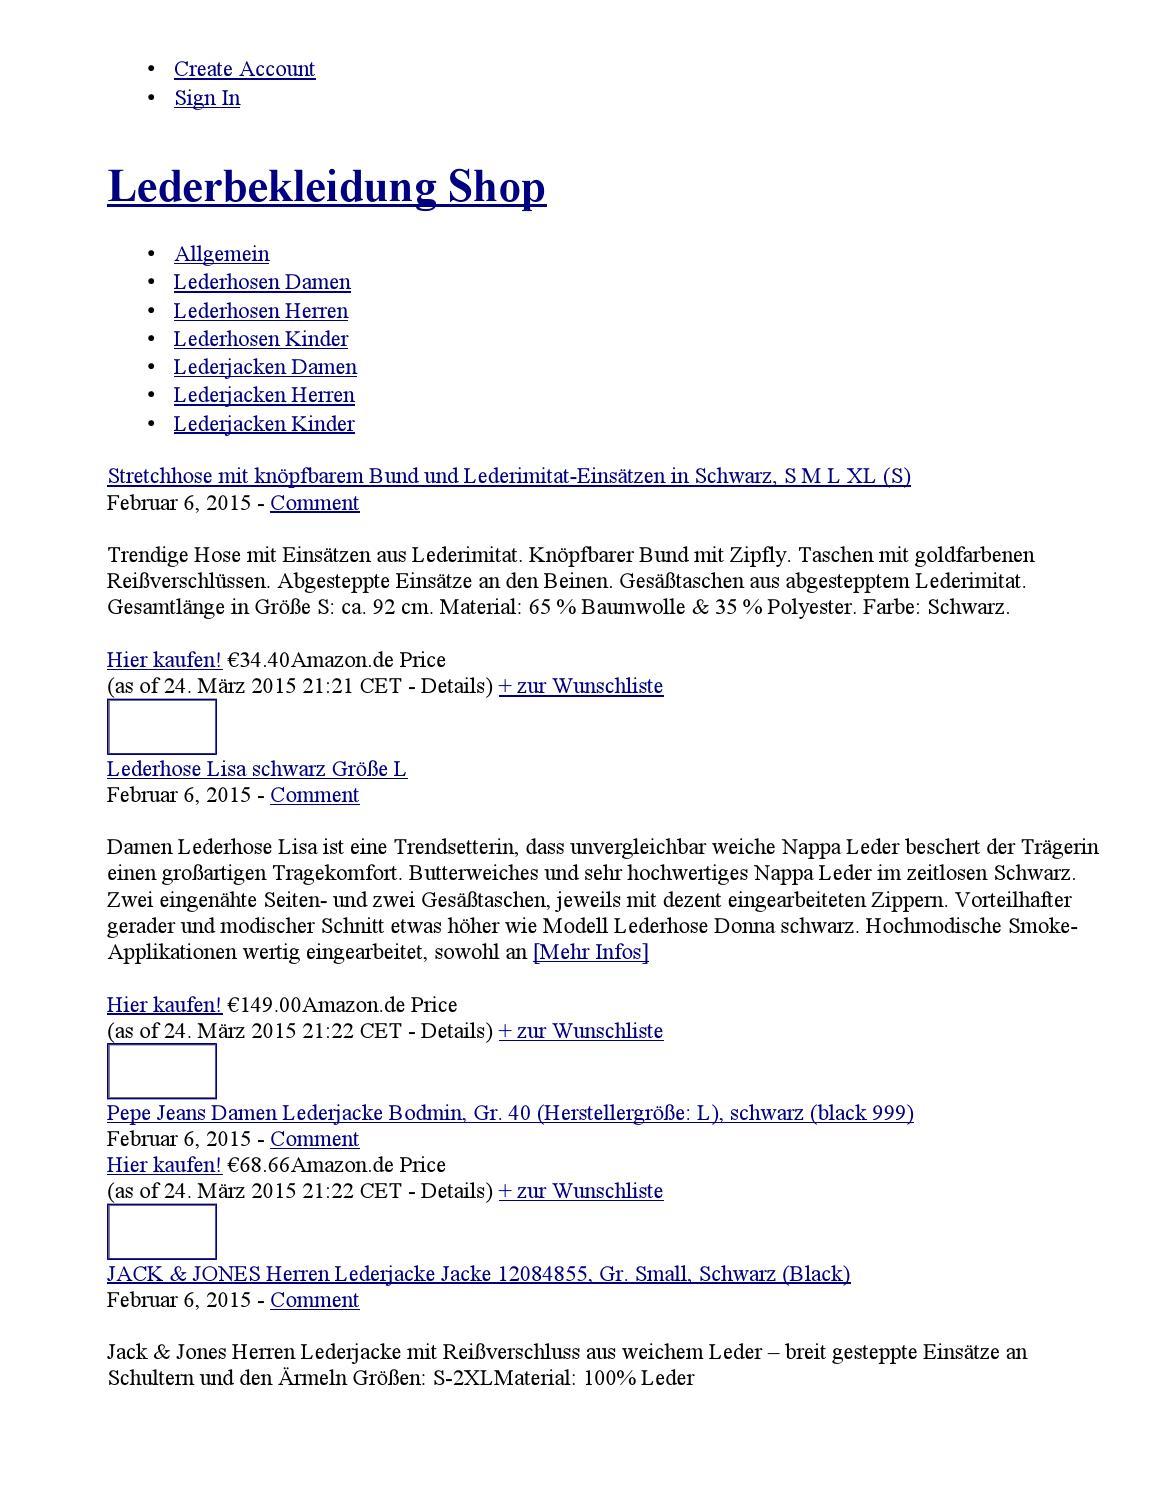 Lederhose für Jungen by Shopping Tipps issuu